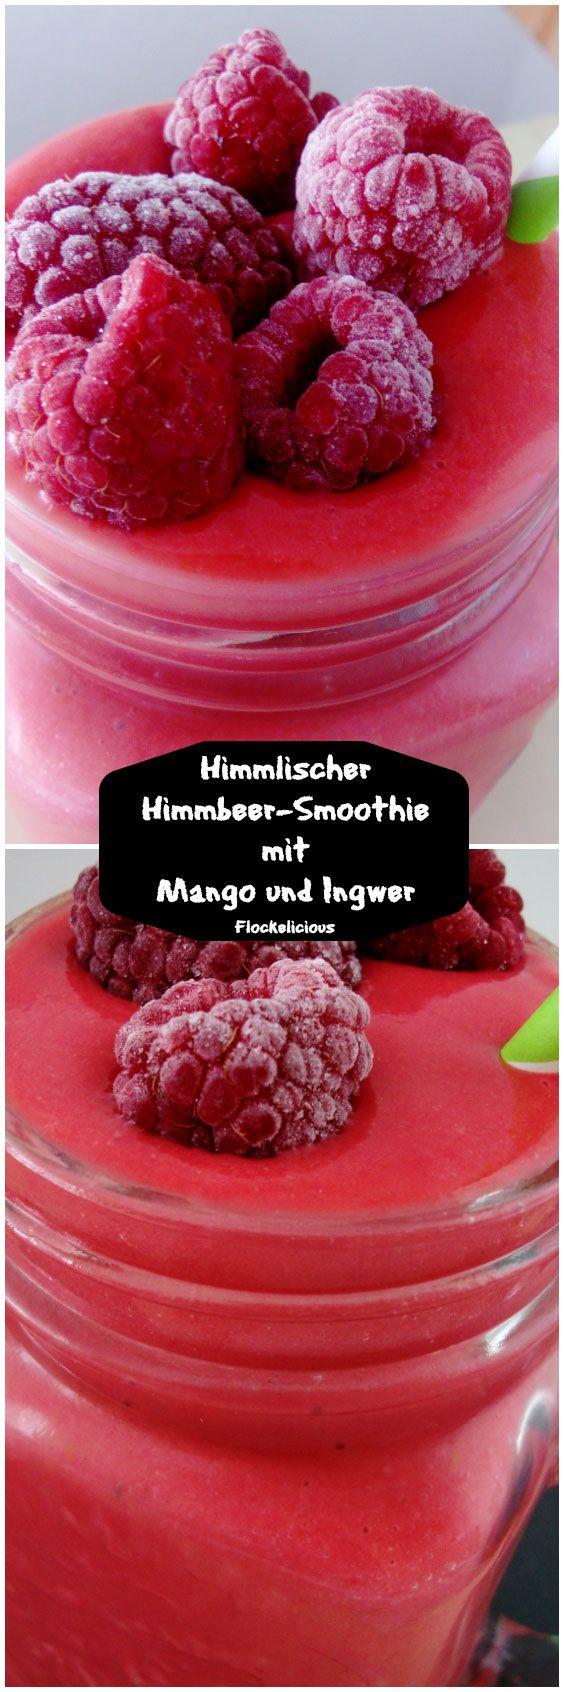 Himmlischer Himbeer Smoothier mit Mango und Ingwer Cremig, fruchtig, frisch und ohne zugesetzten Zucker